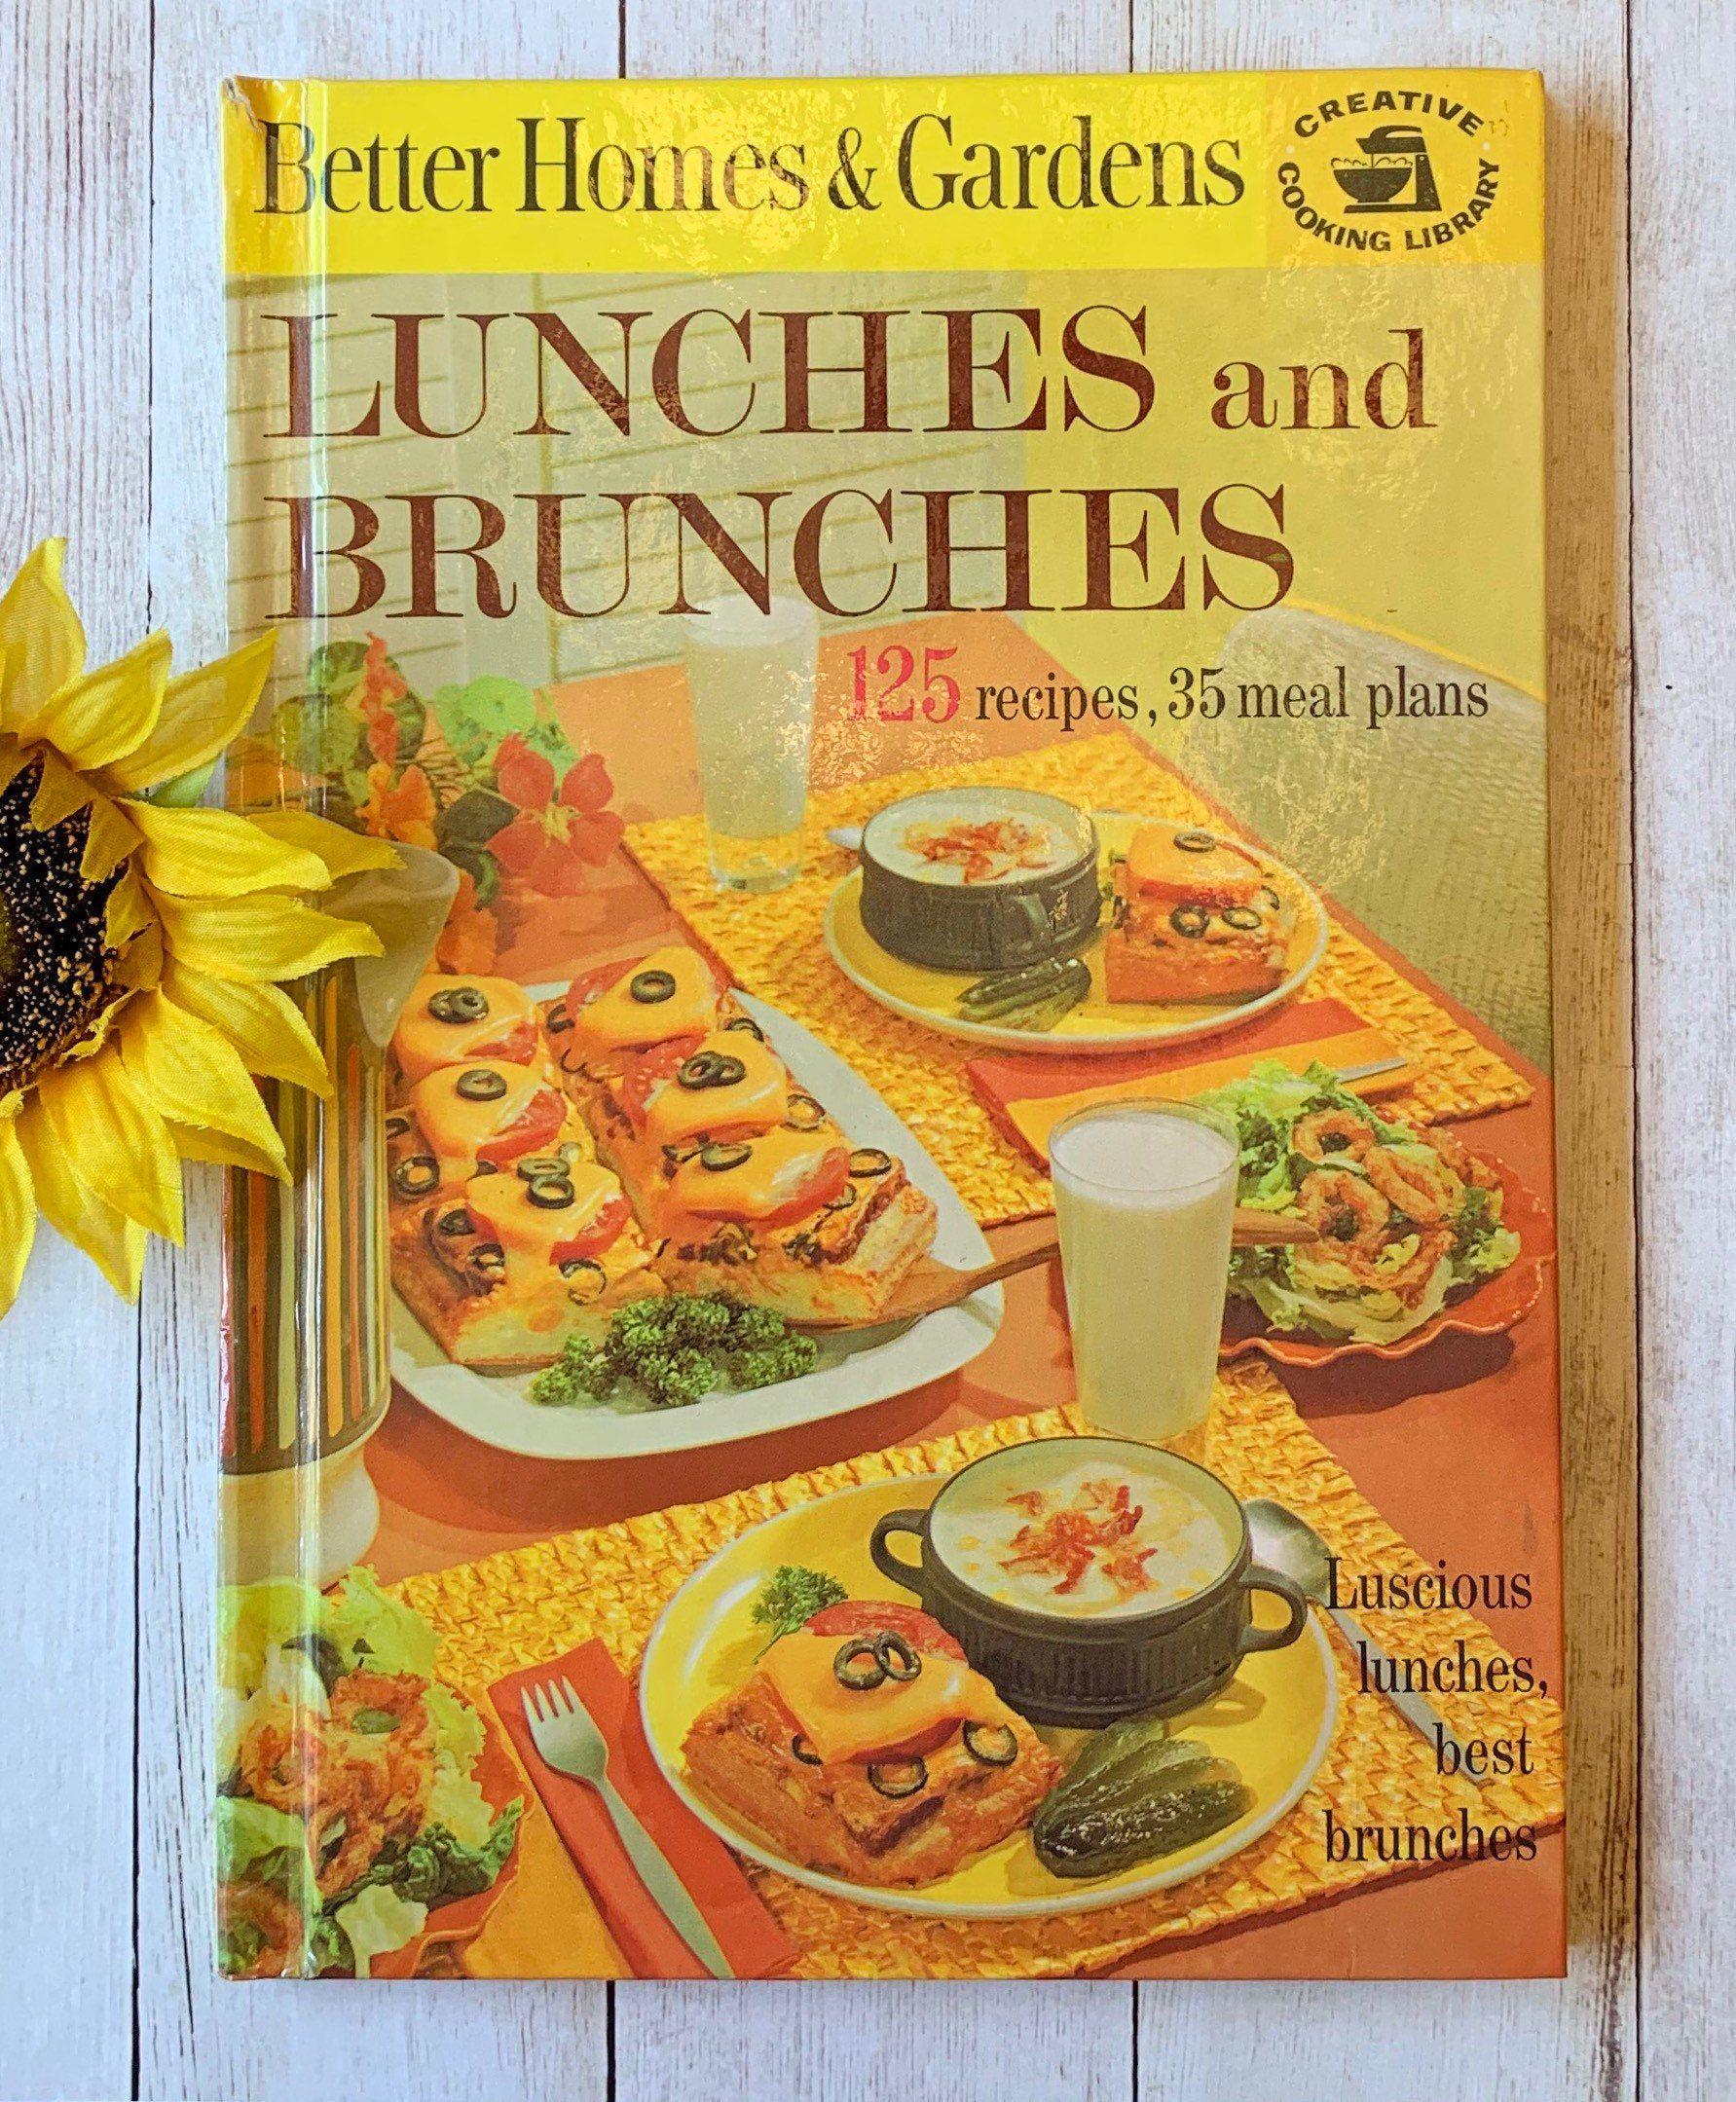 2e5732381ae2bd23ff792bb452690cc6 - Better Homes And Gardens Kids Recipes